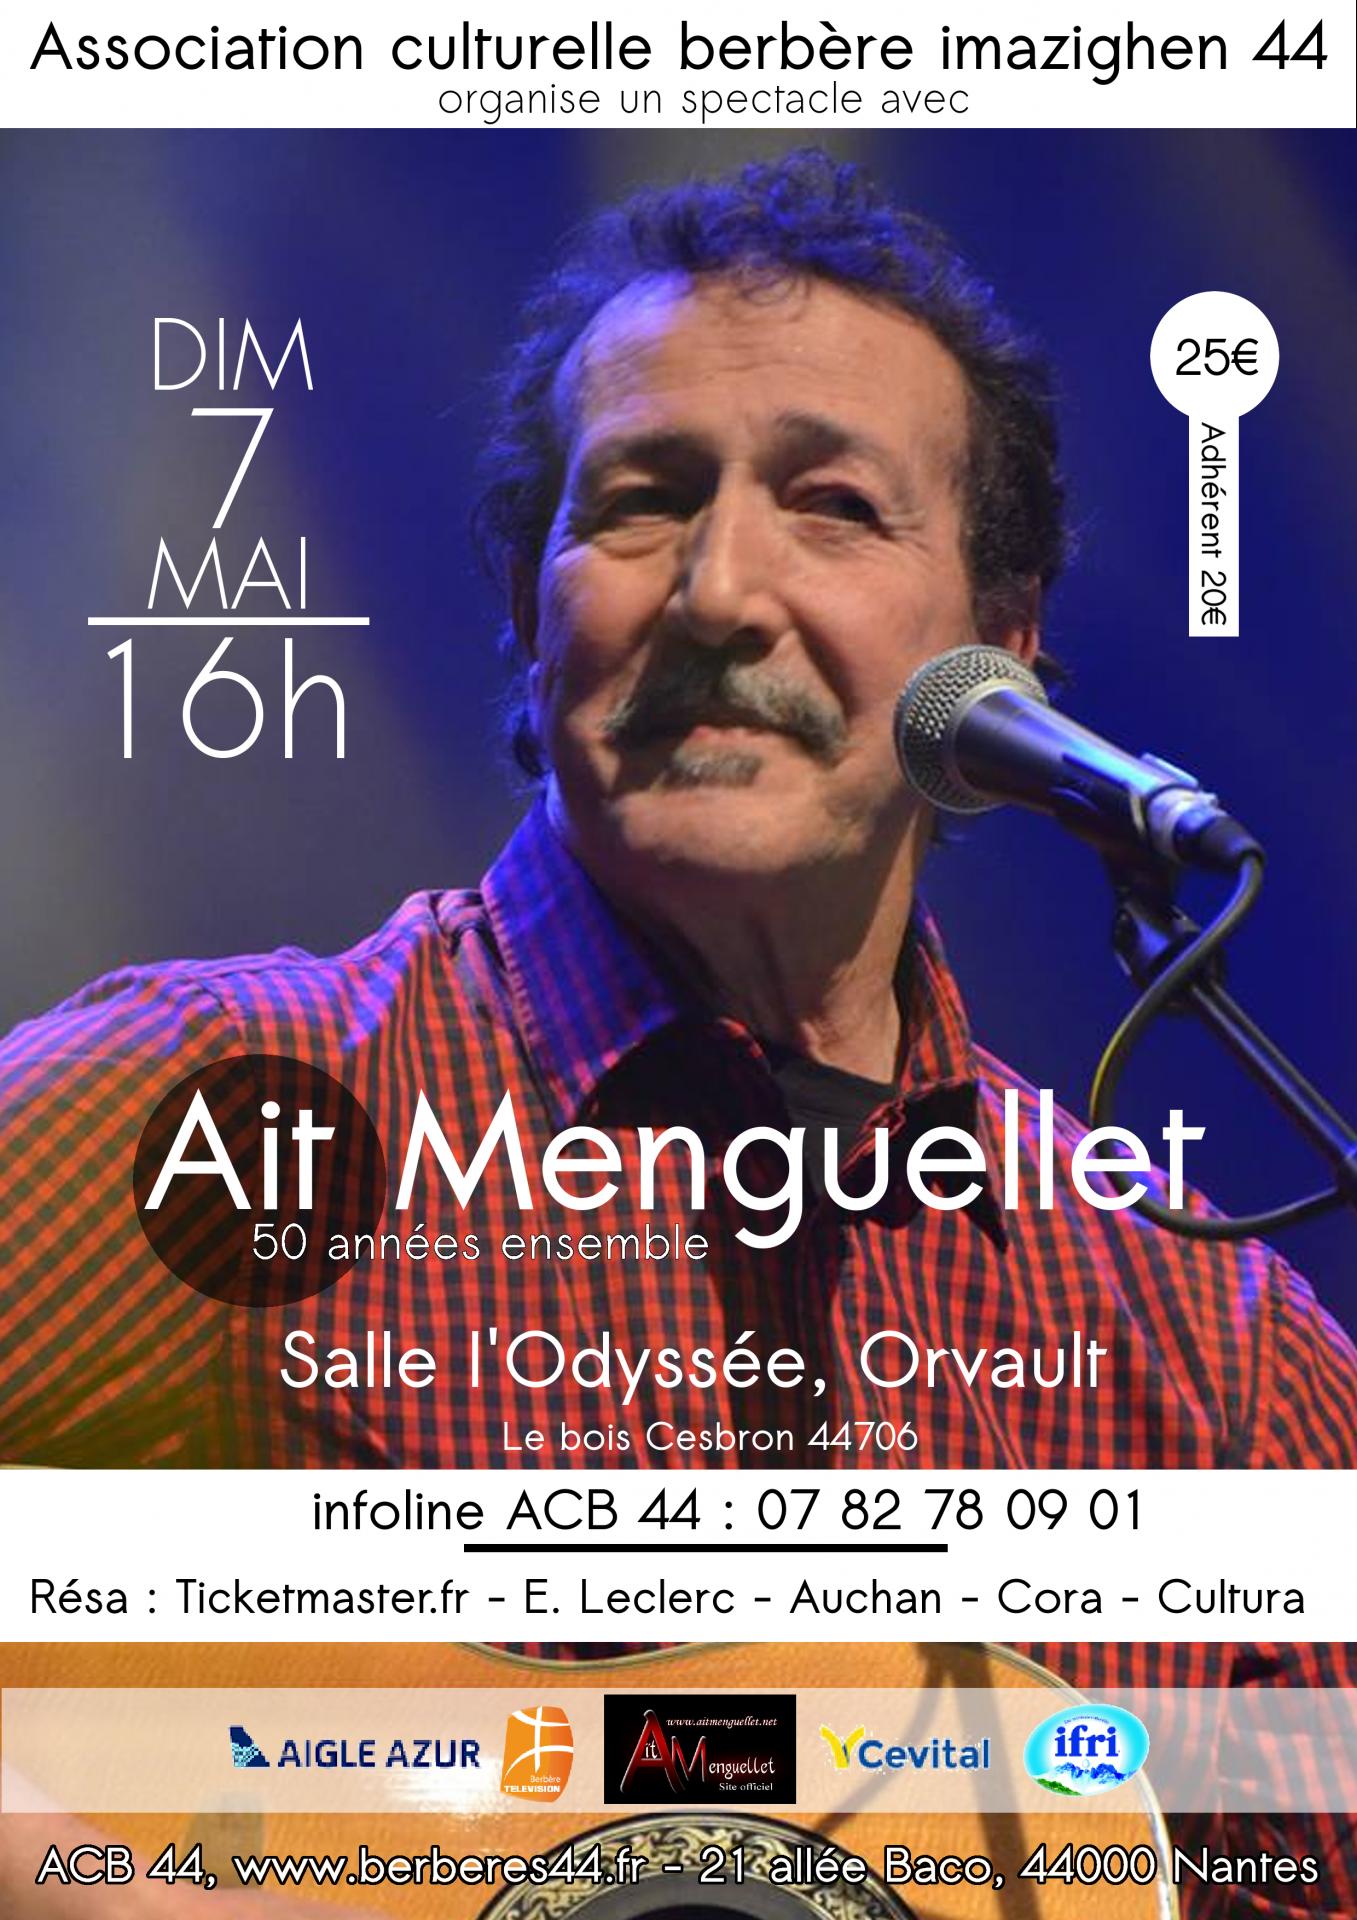 ACB 44 propose en concert AIT MENGUELLET